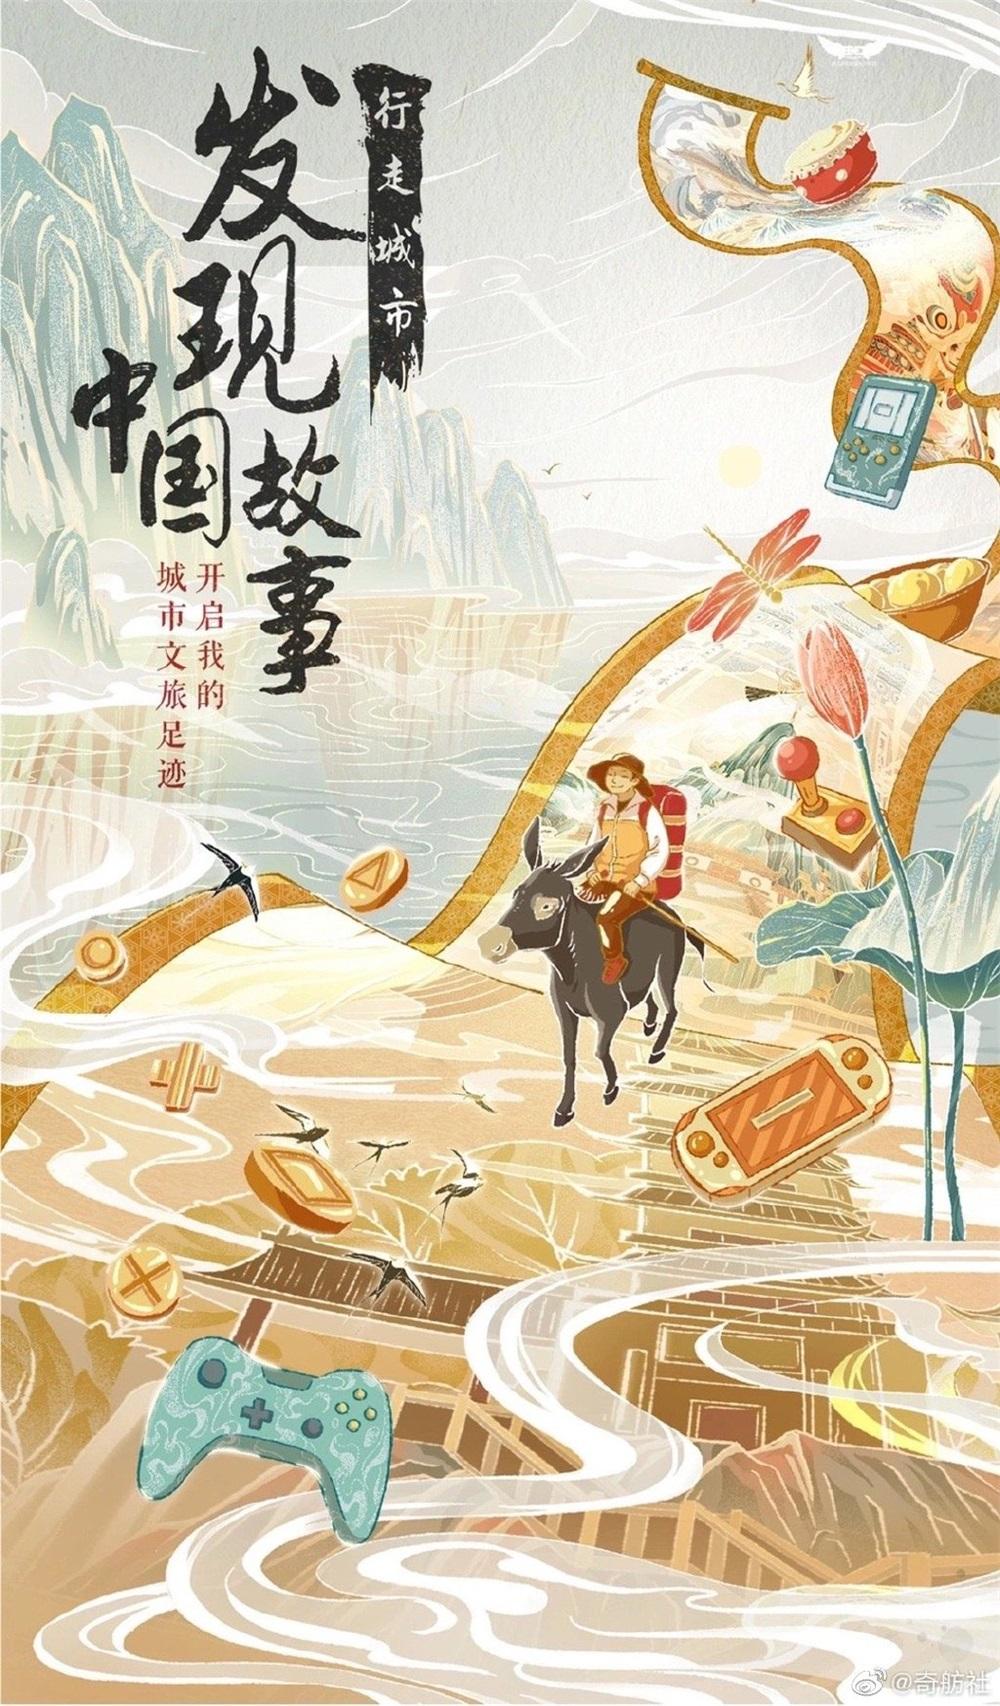 时下热门!不一样的中国风城市景象插画!